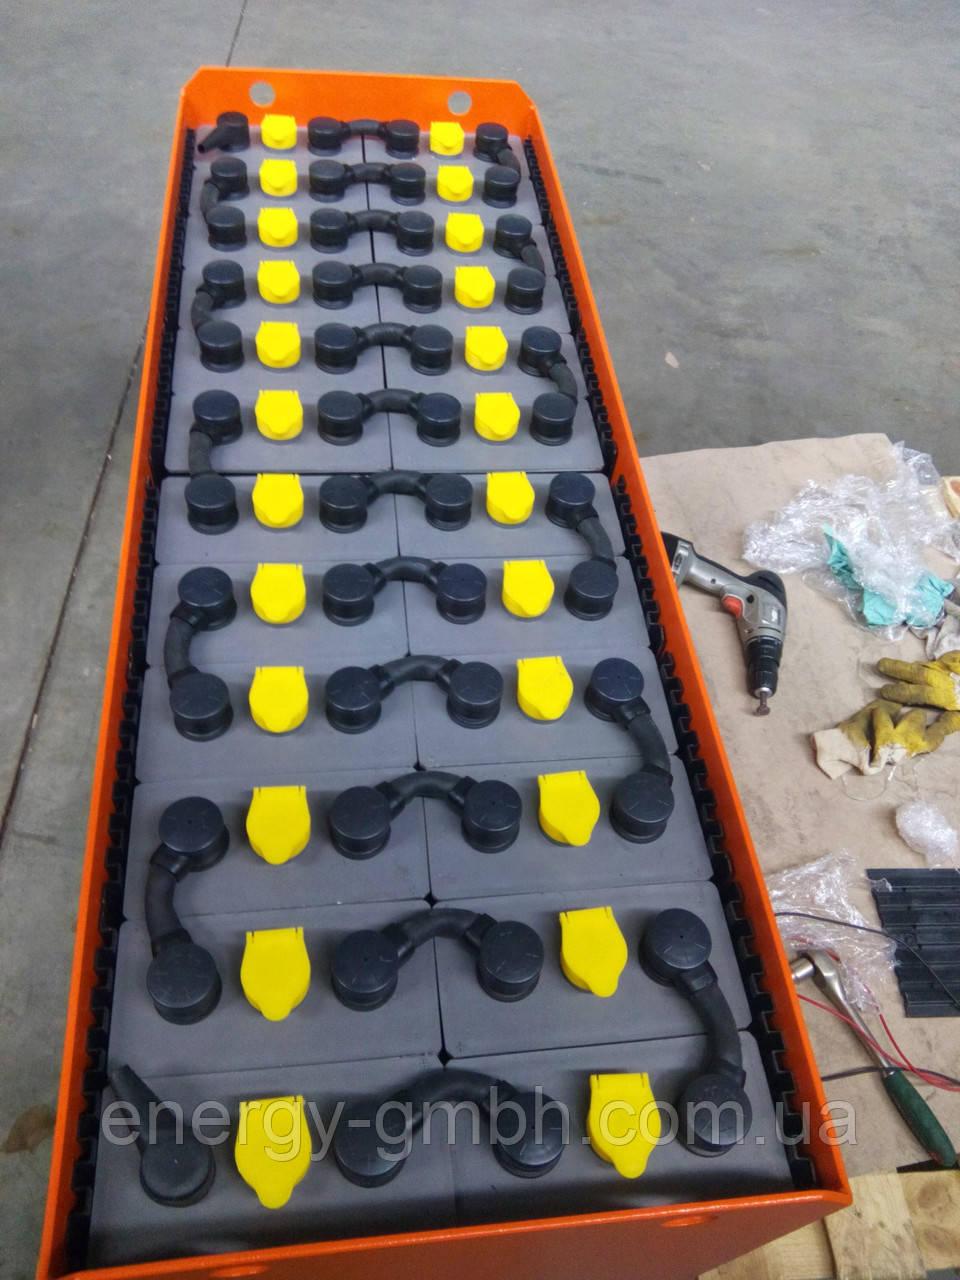 Тяговая батарея ENERGY 5PzS775, 48V, 775Ач, 48Вольт